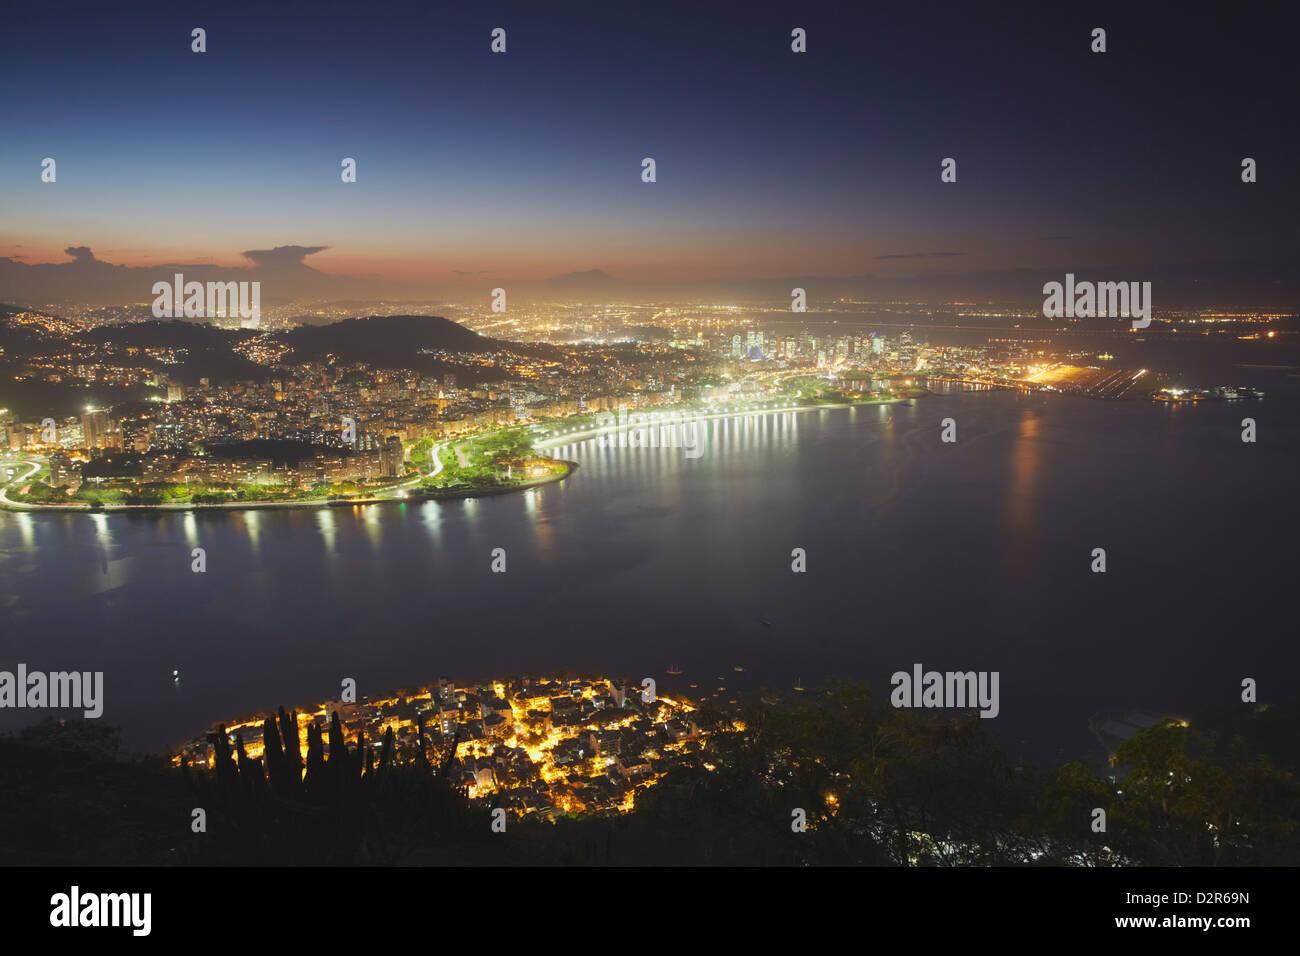 Avis de Urca, Flamengo et Centro au coucher du soleil, Rio de Janeiro, Brésil, Amérique du Sud Photo Stock